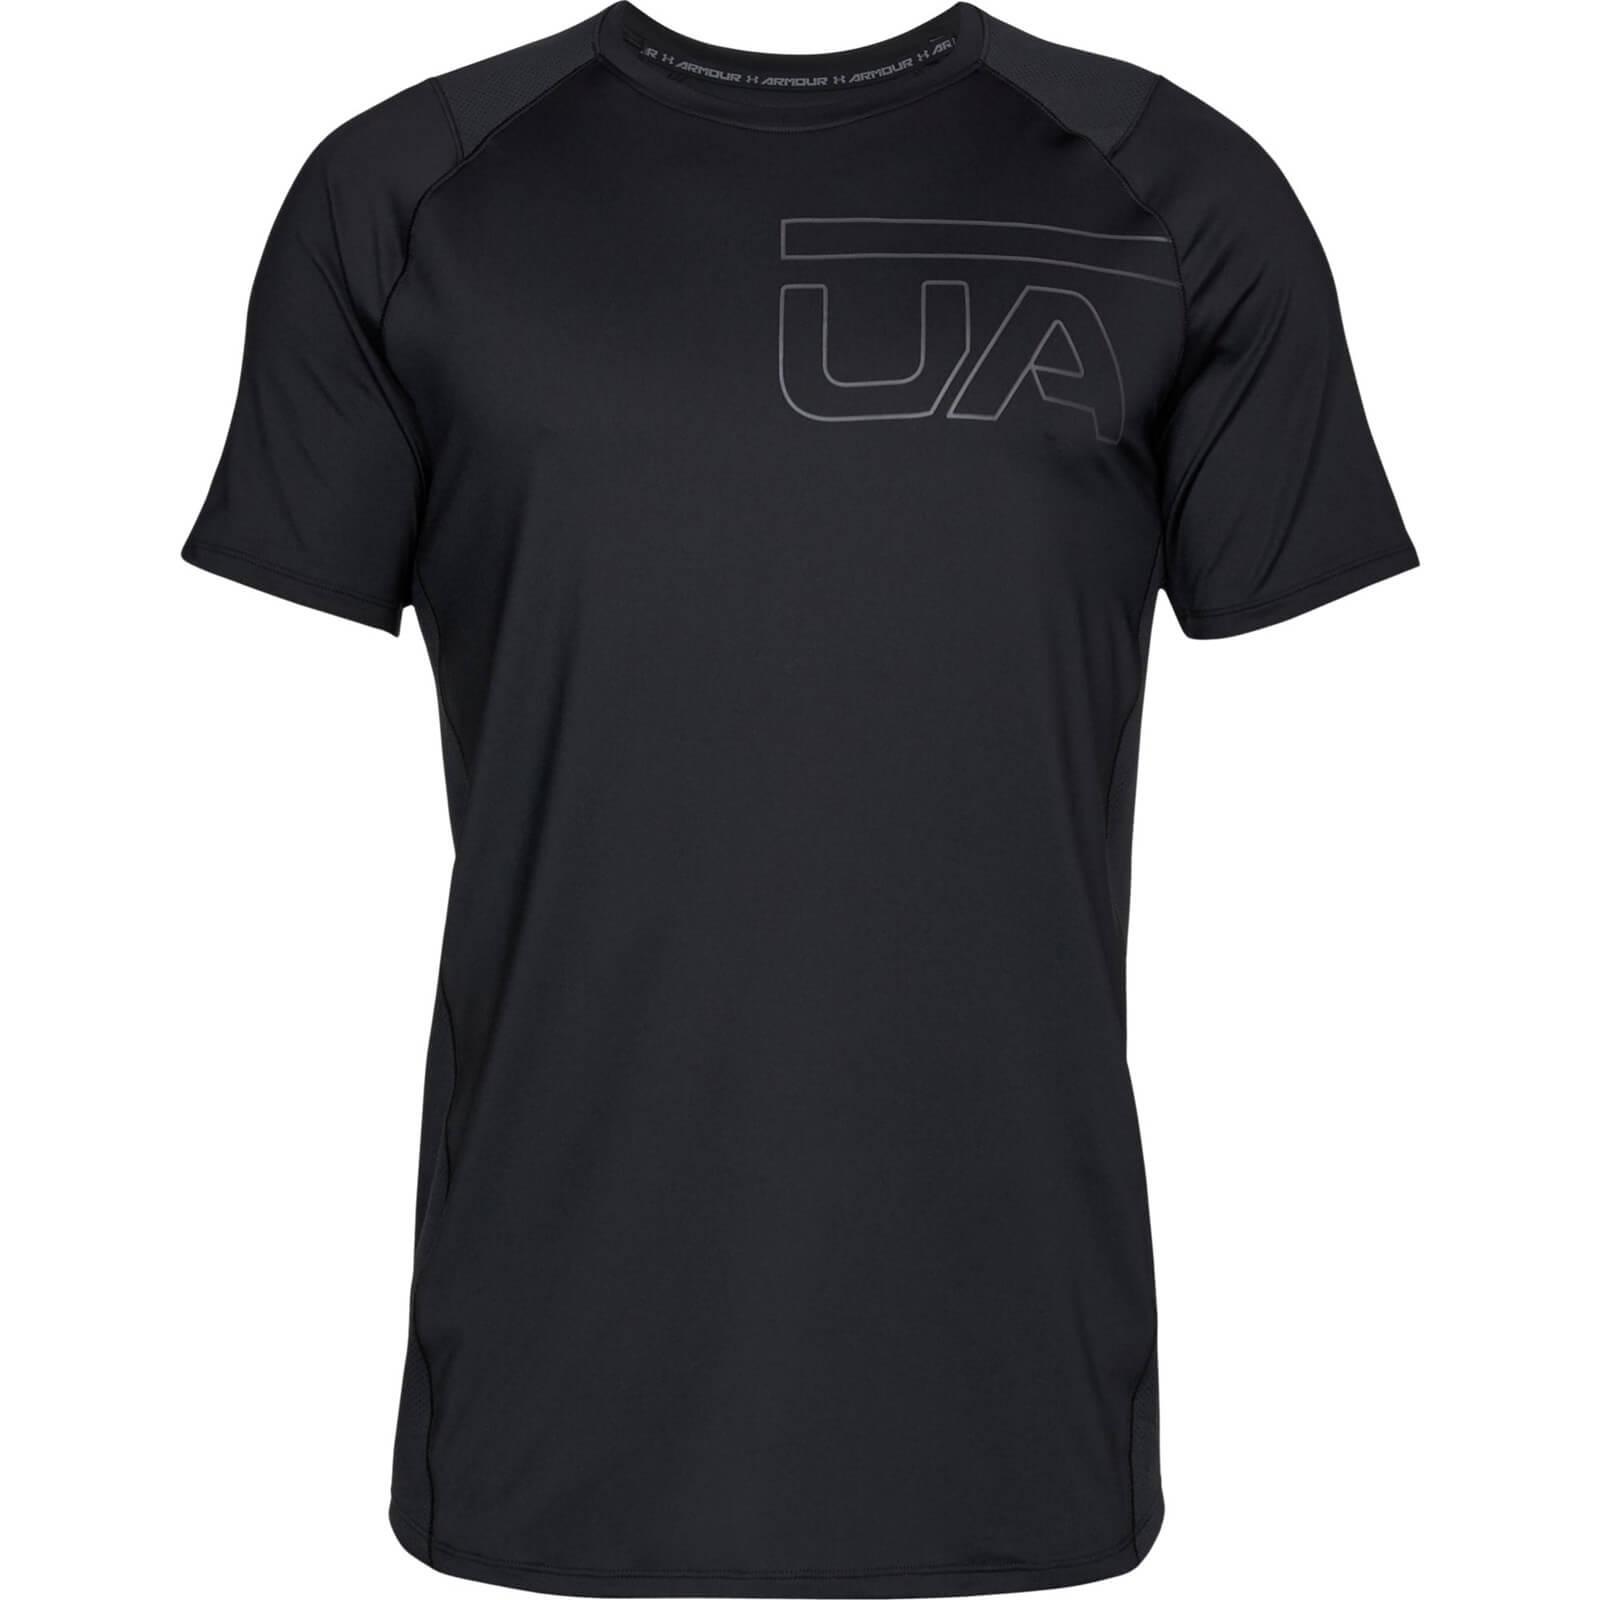 Under Armour Men's MK1 Graphic T-Shirt - Black - L - Black